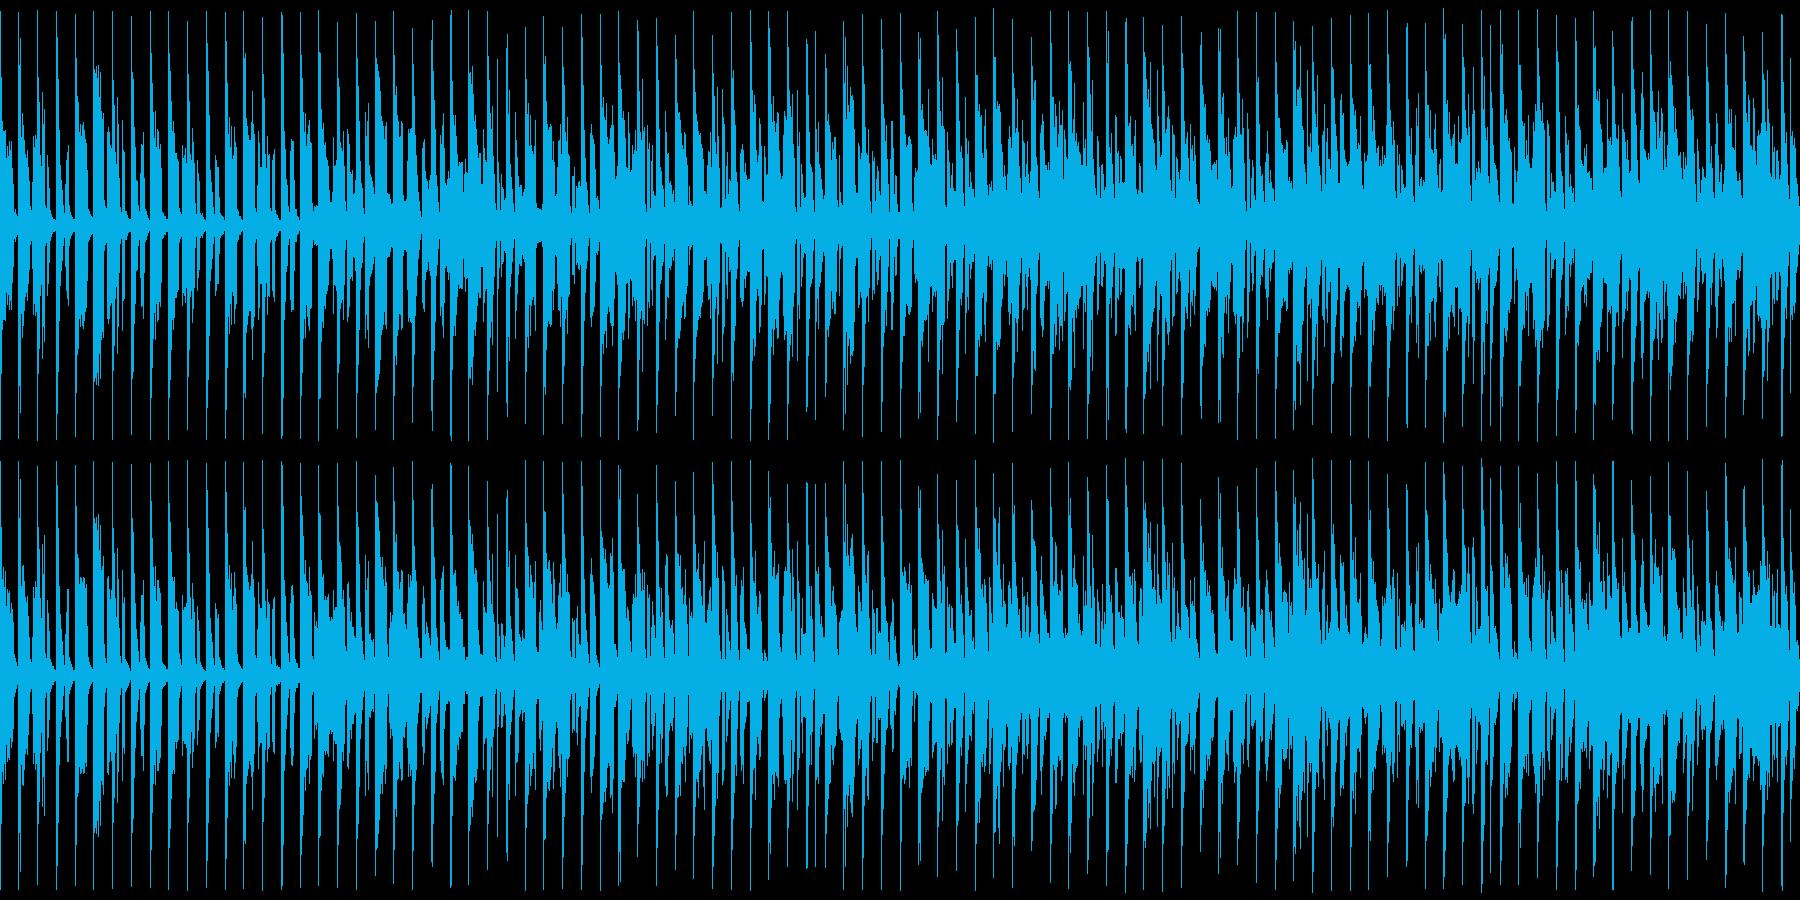 【ループ用】トランス風シンセサウンドの再生済みの波形